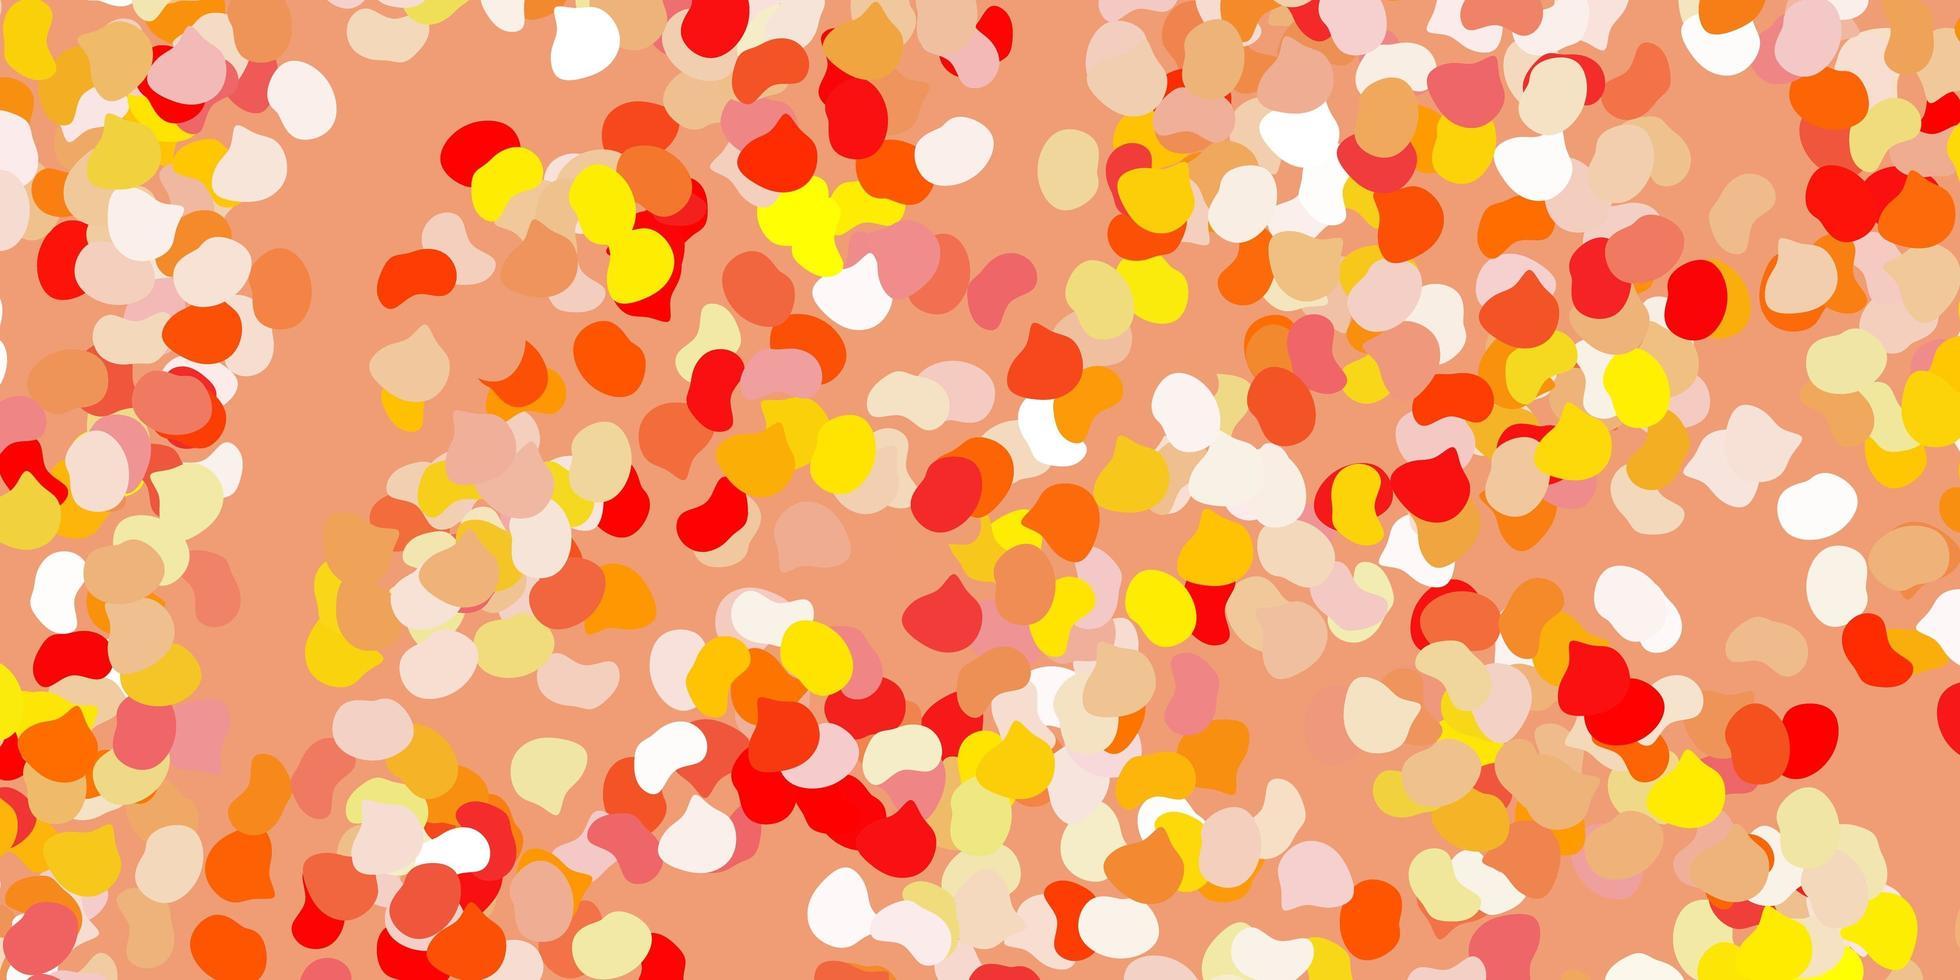 hellrotes, gelbes Muster mit abstrakten Formen. vektor